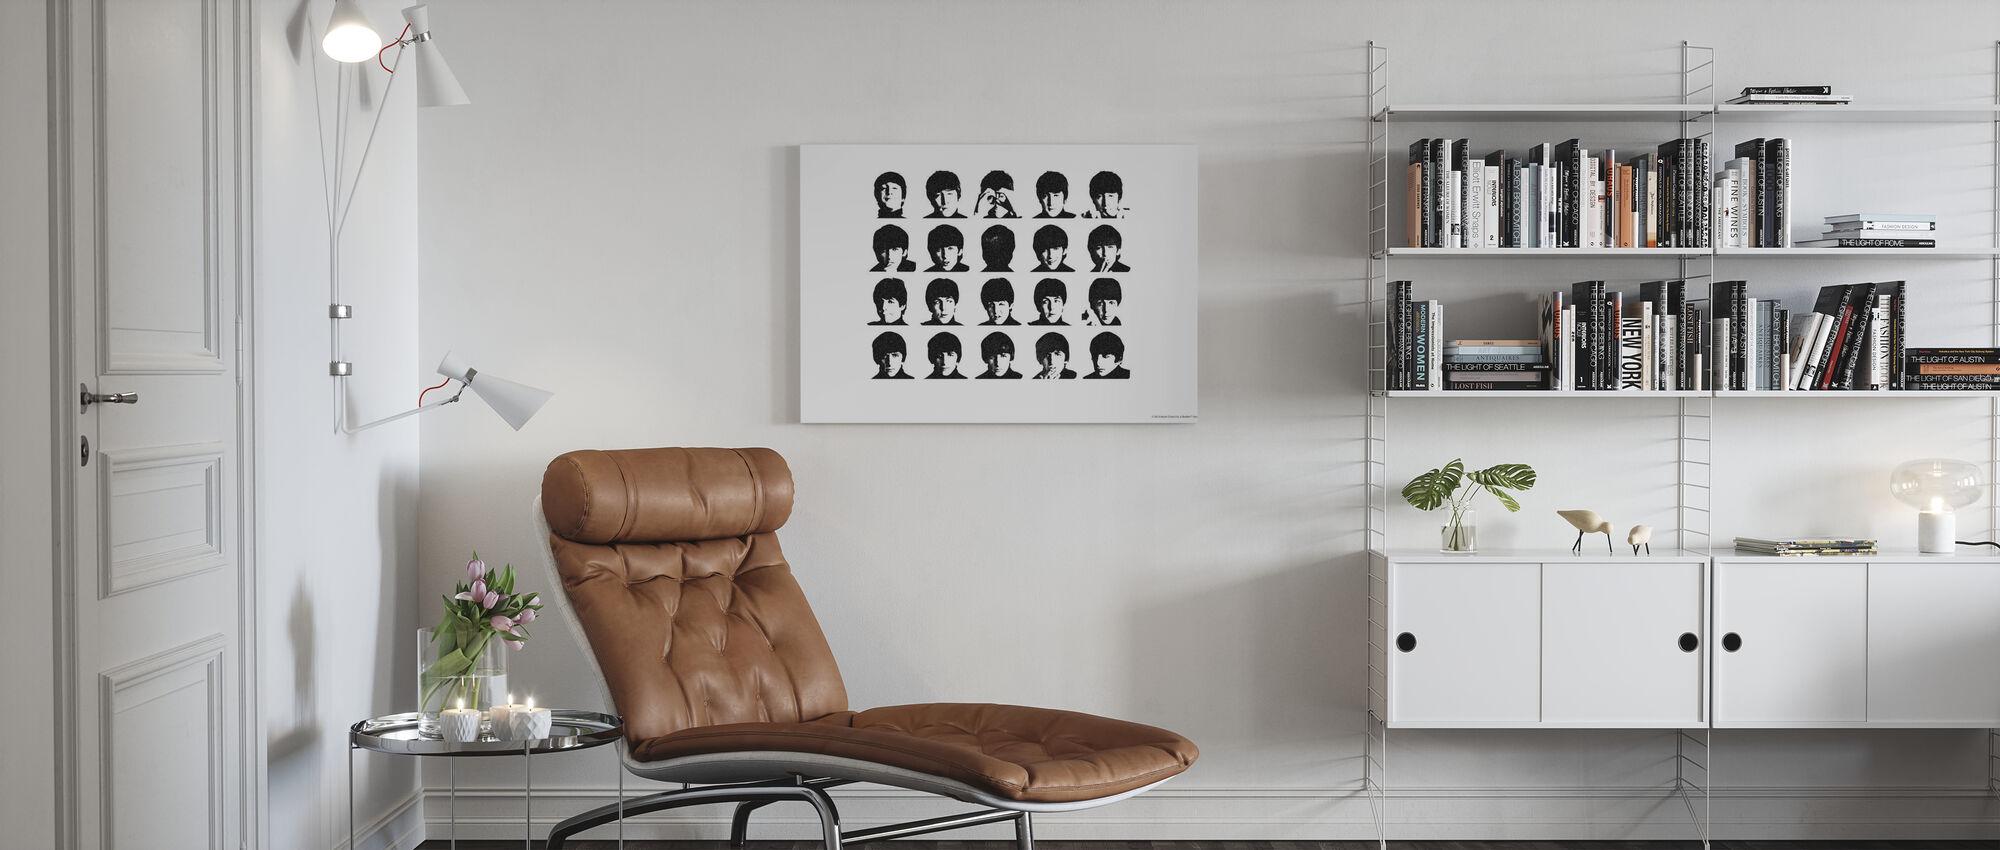 Beatles - kova päivä yö - Canvastaulu - Olohuone